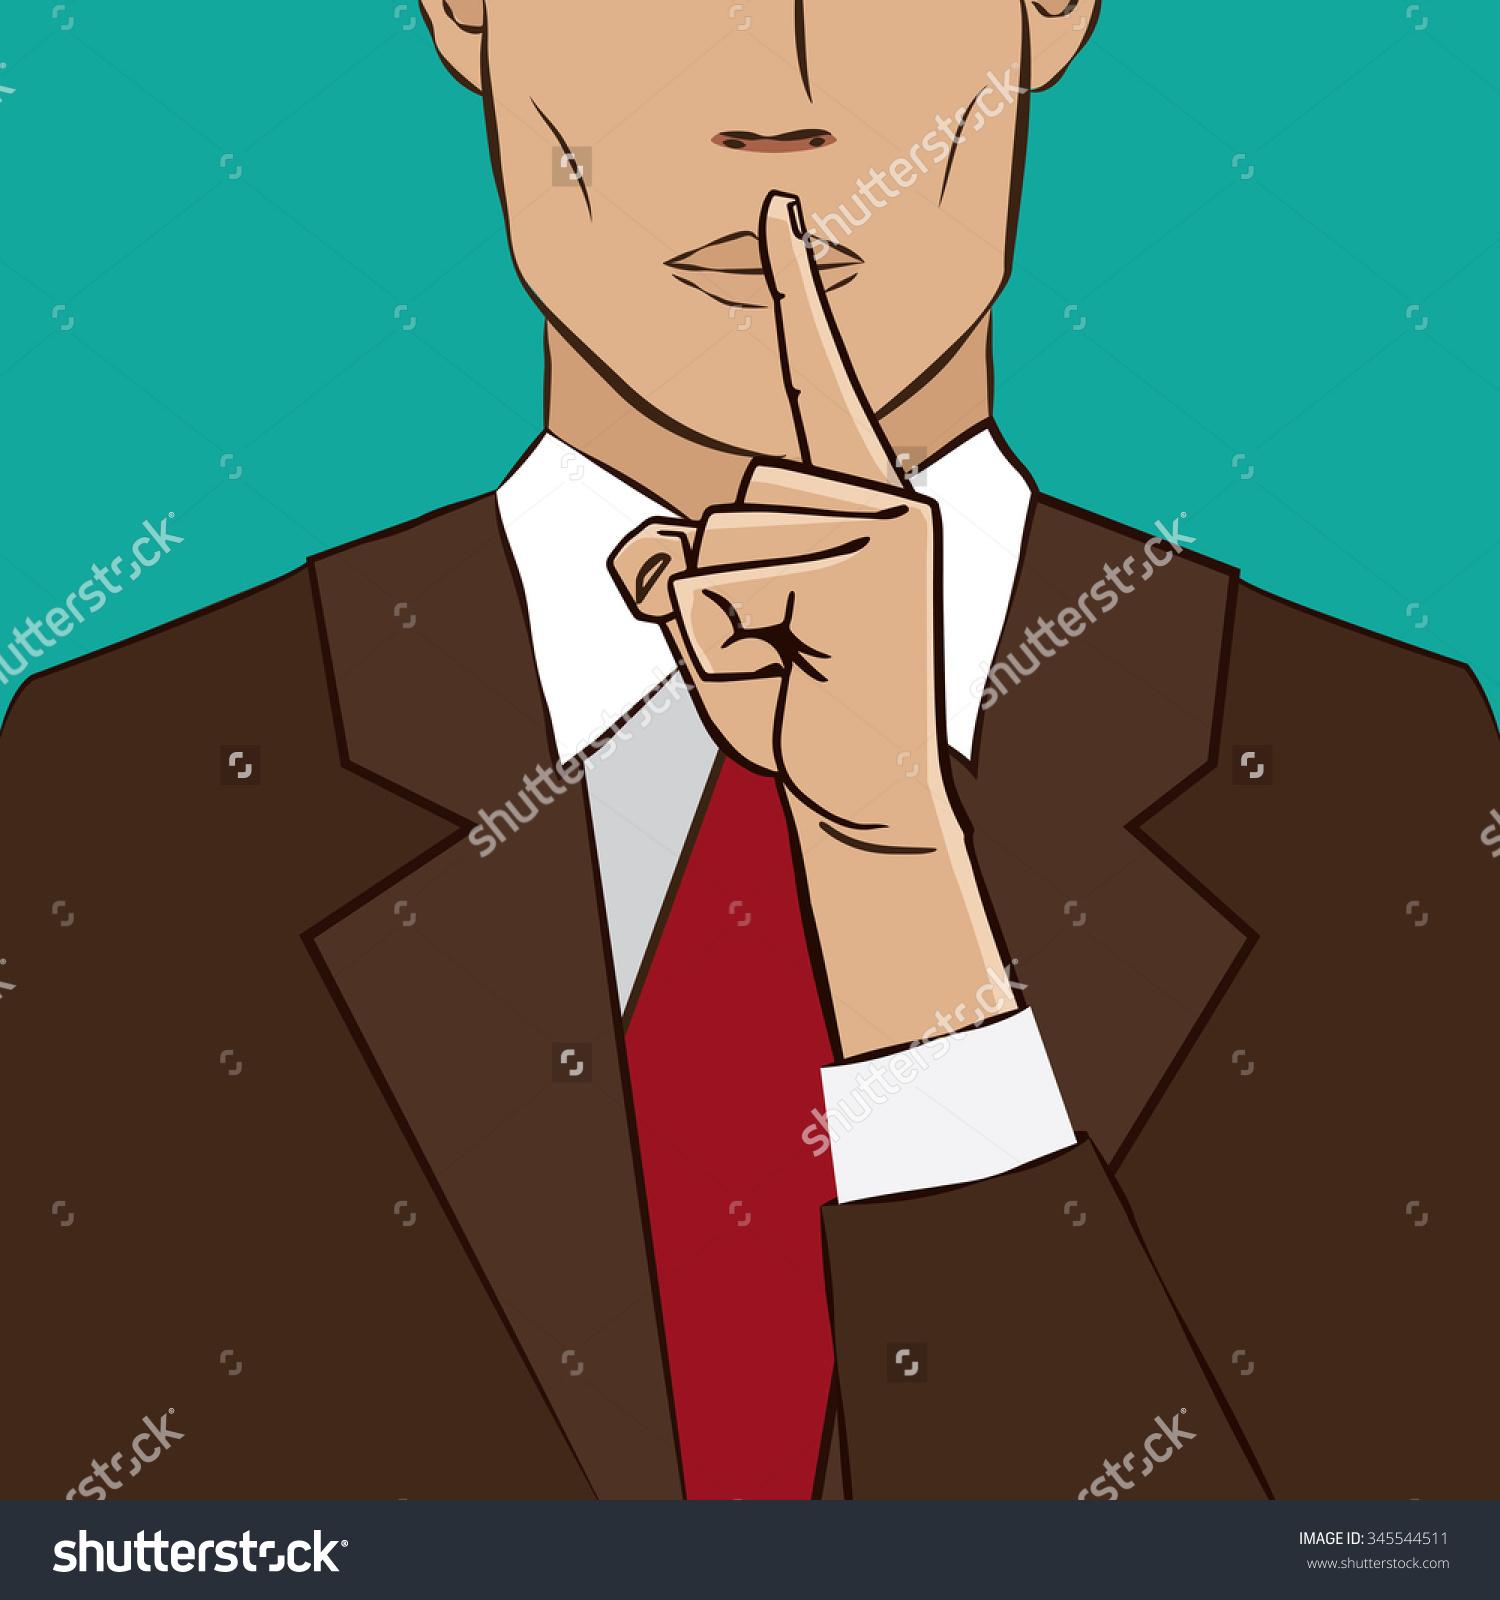 Animal Finger Shushing On Lips Clipart.